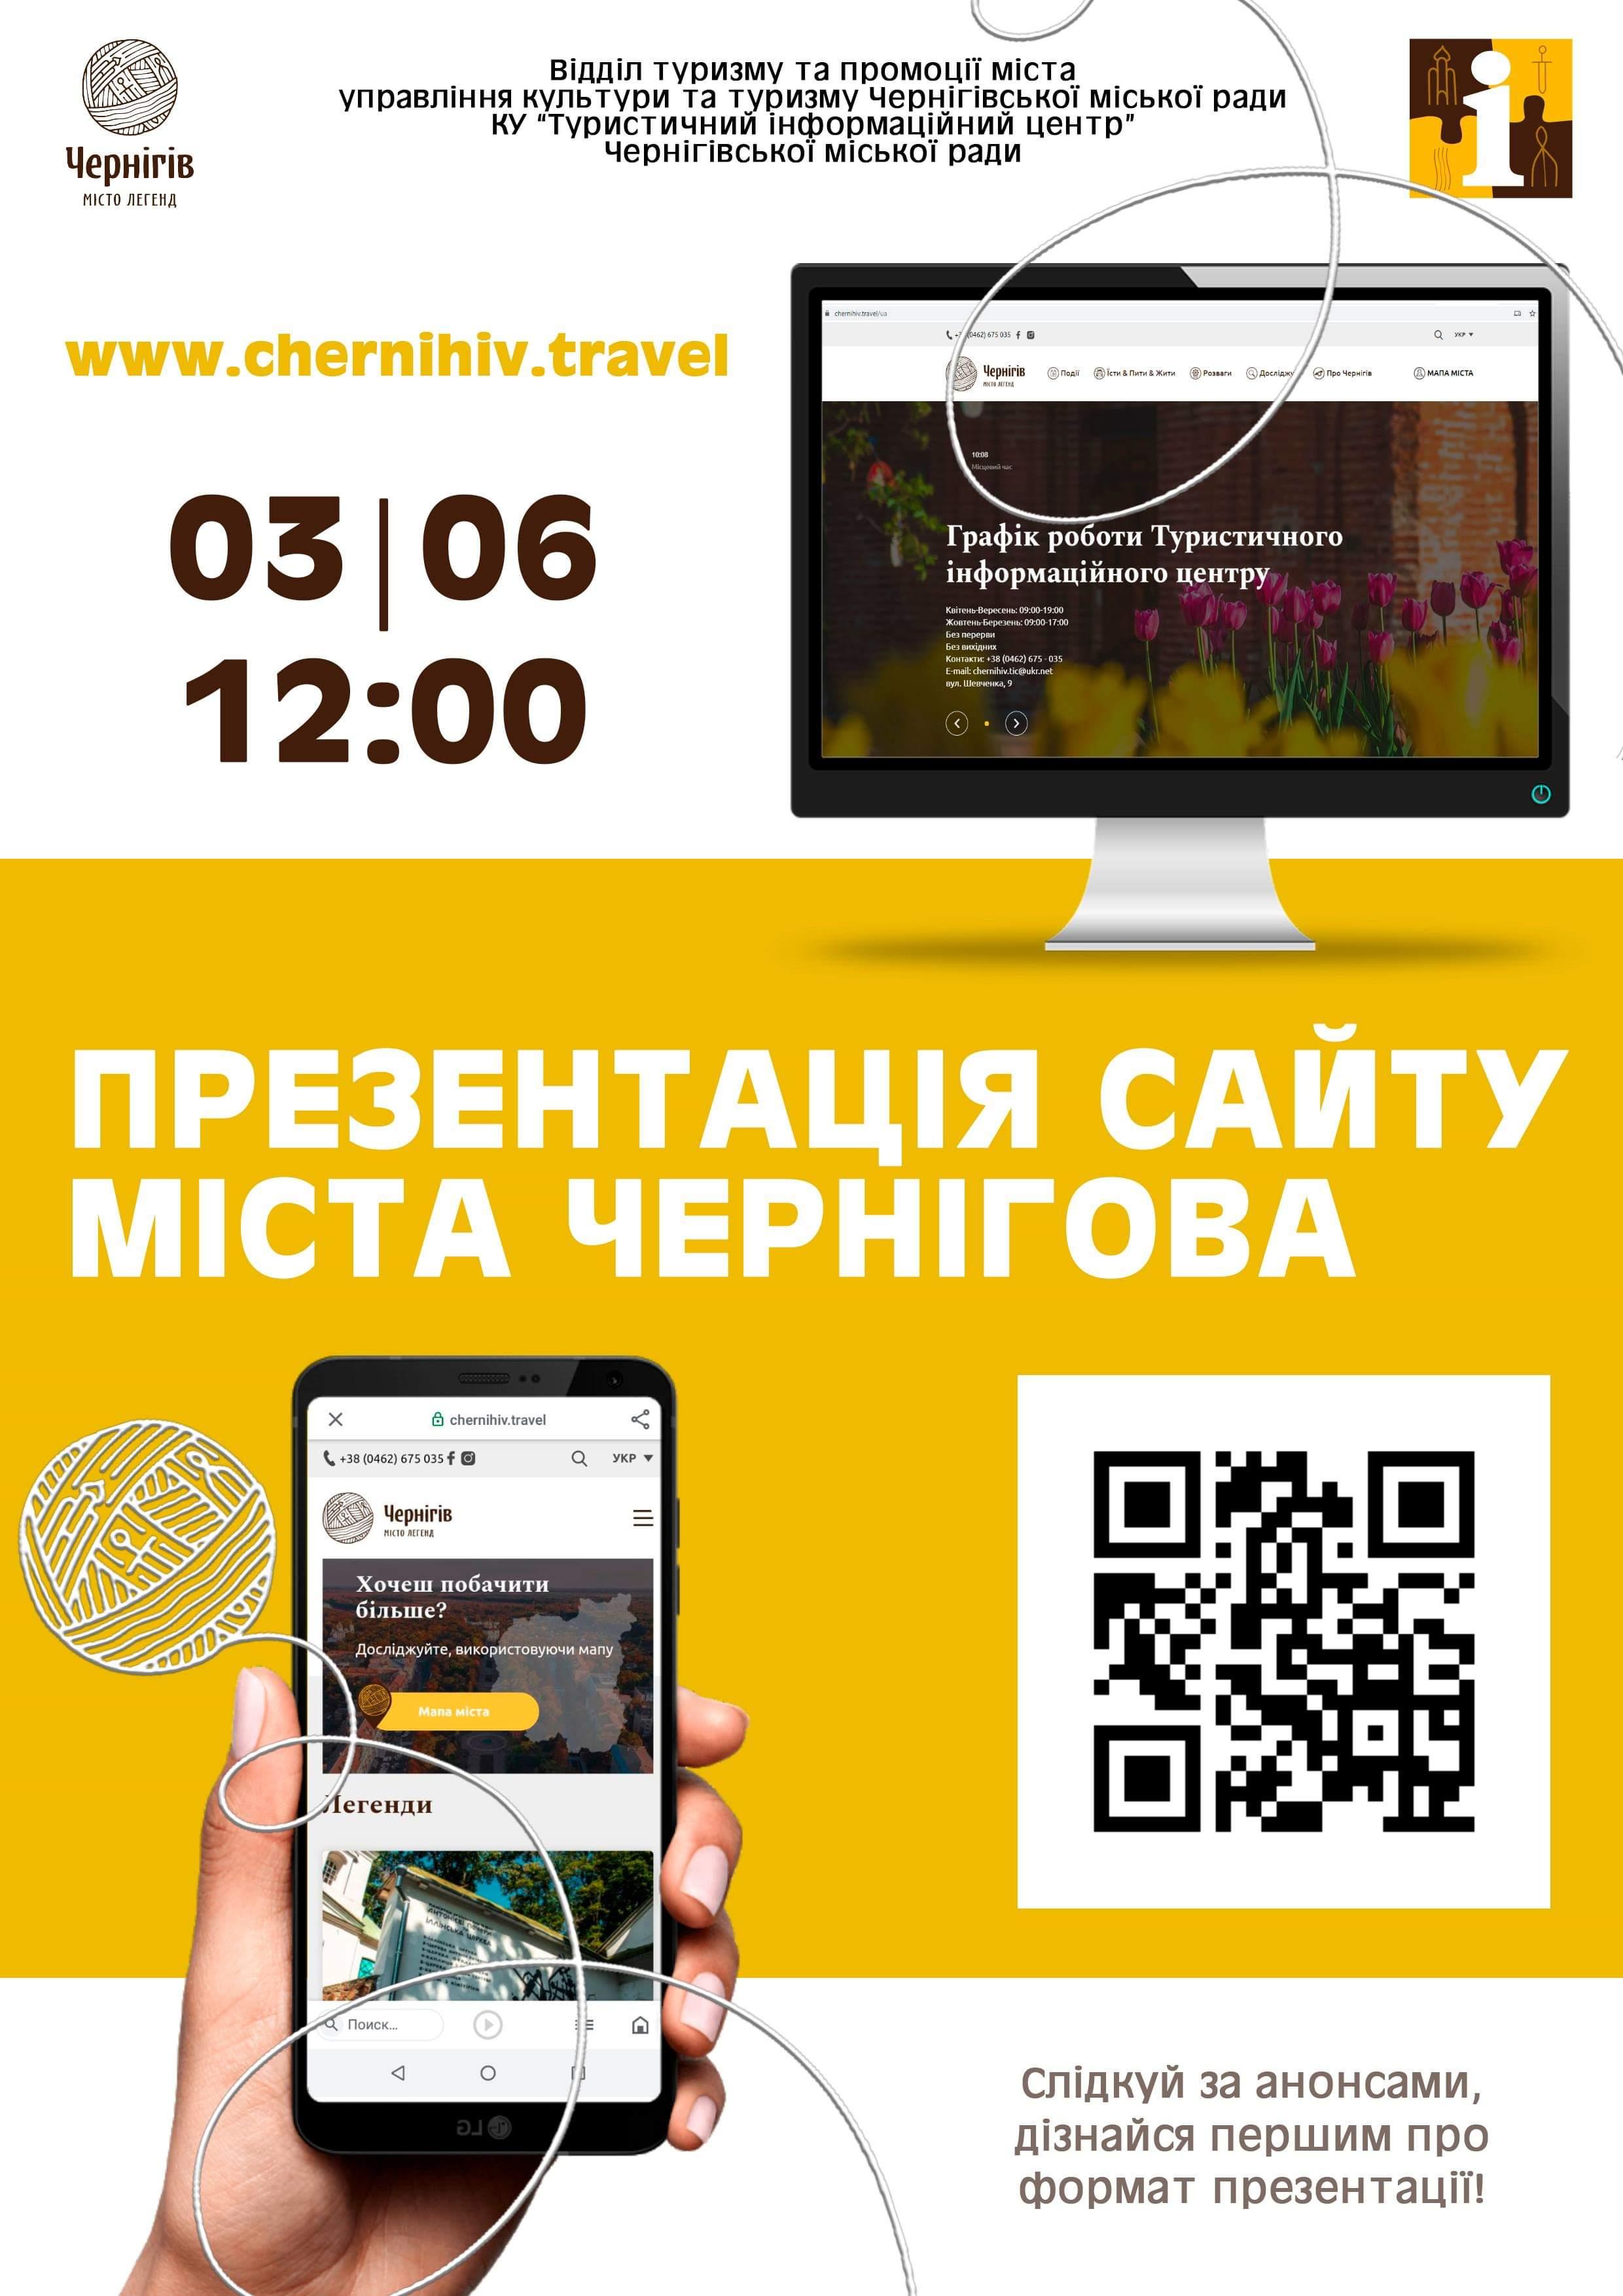 Обновленный туристический сайт города презентуют завтра в Чернигове|В дороге - сайт о путешествиях и приключениях